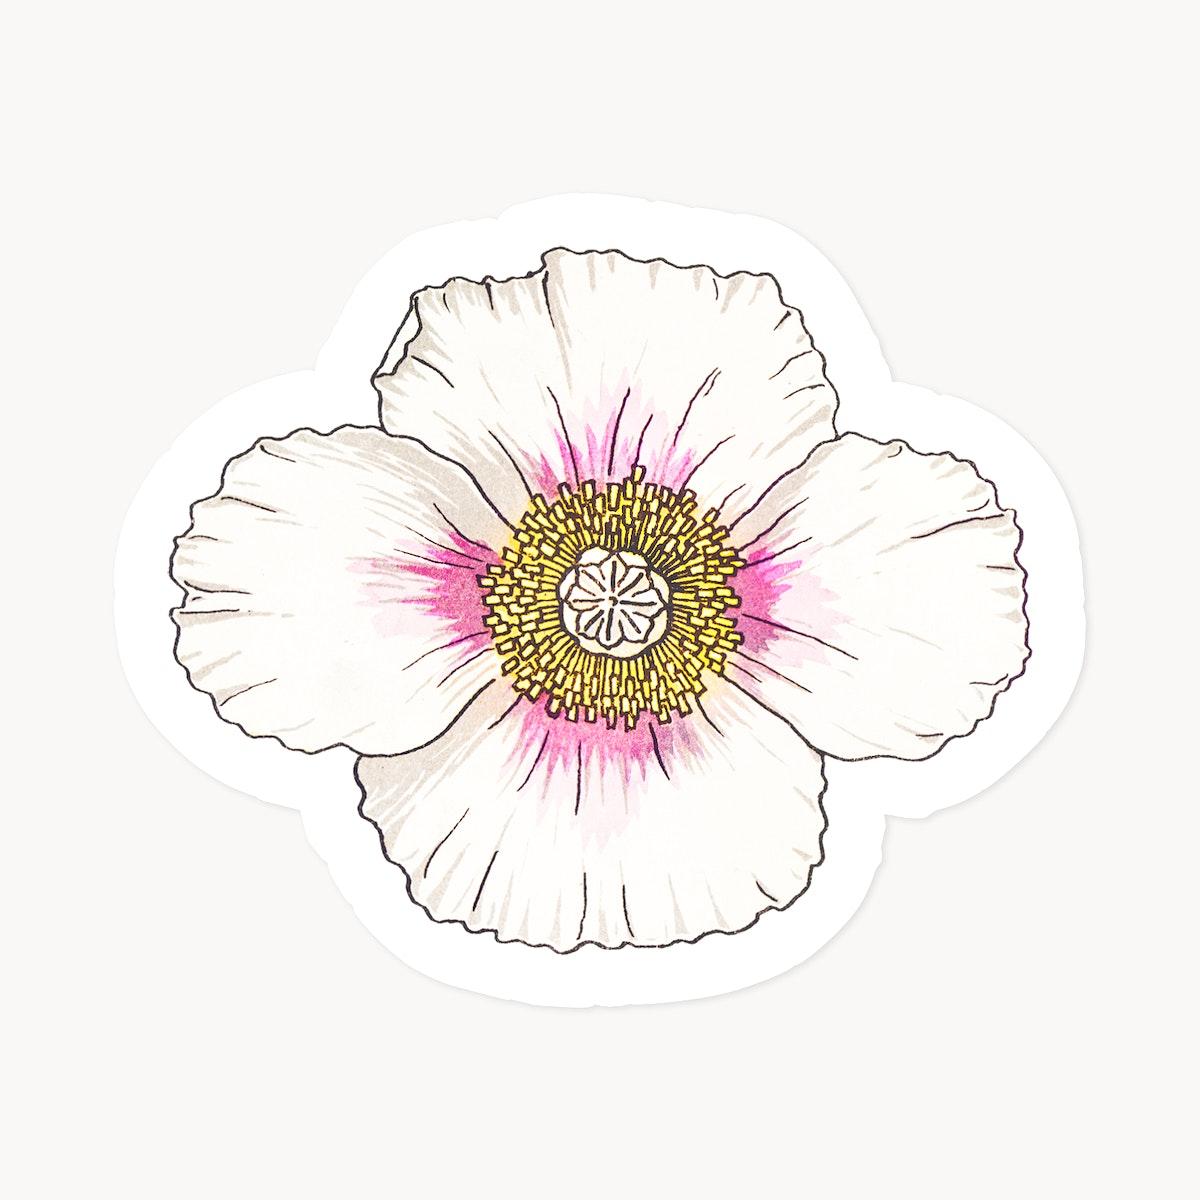 Vintage poppy flower sticker with white border design element